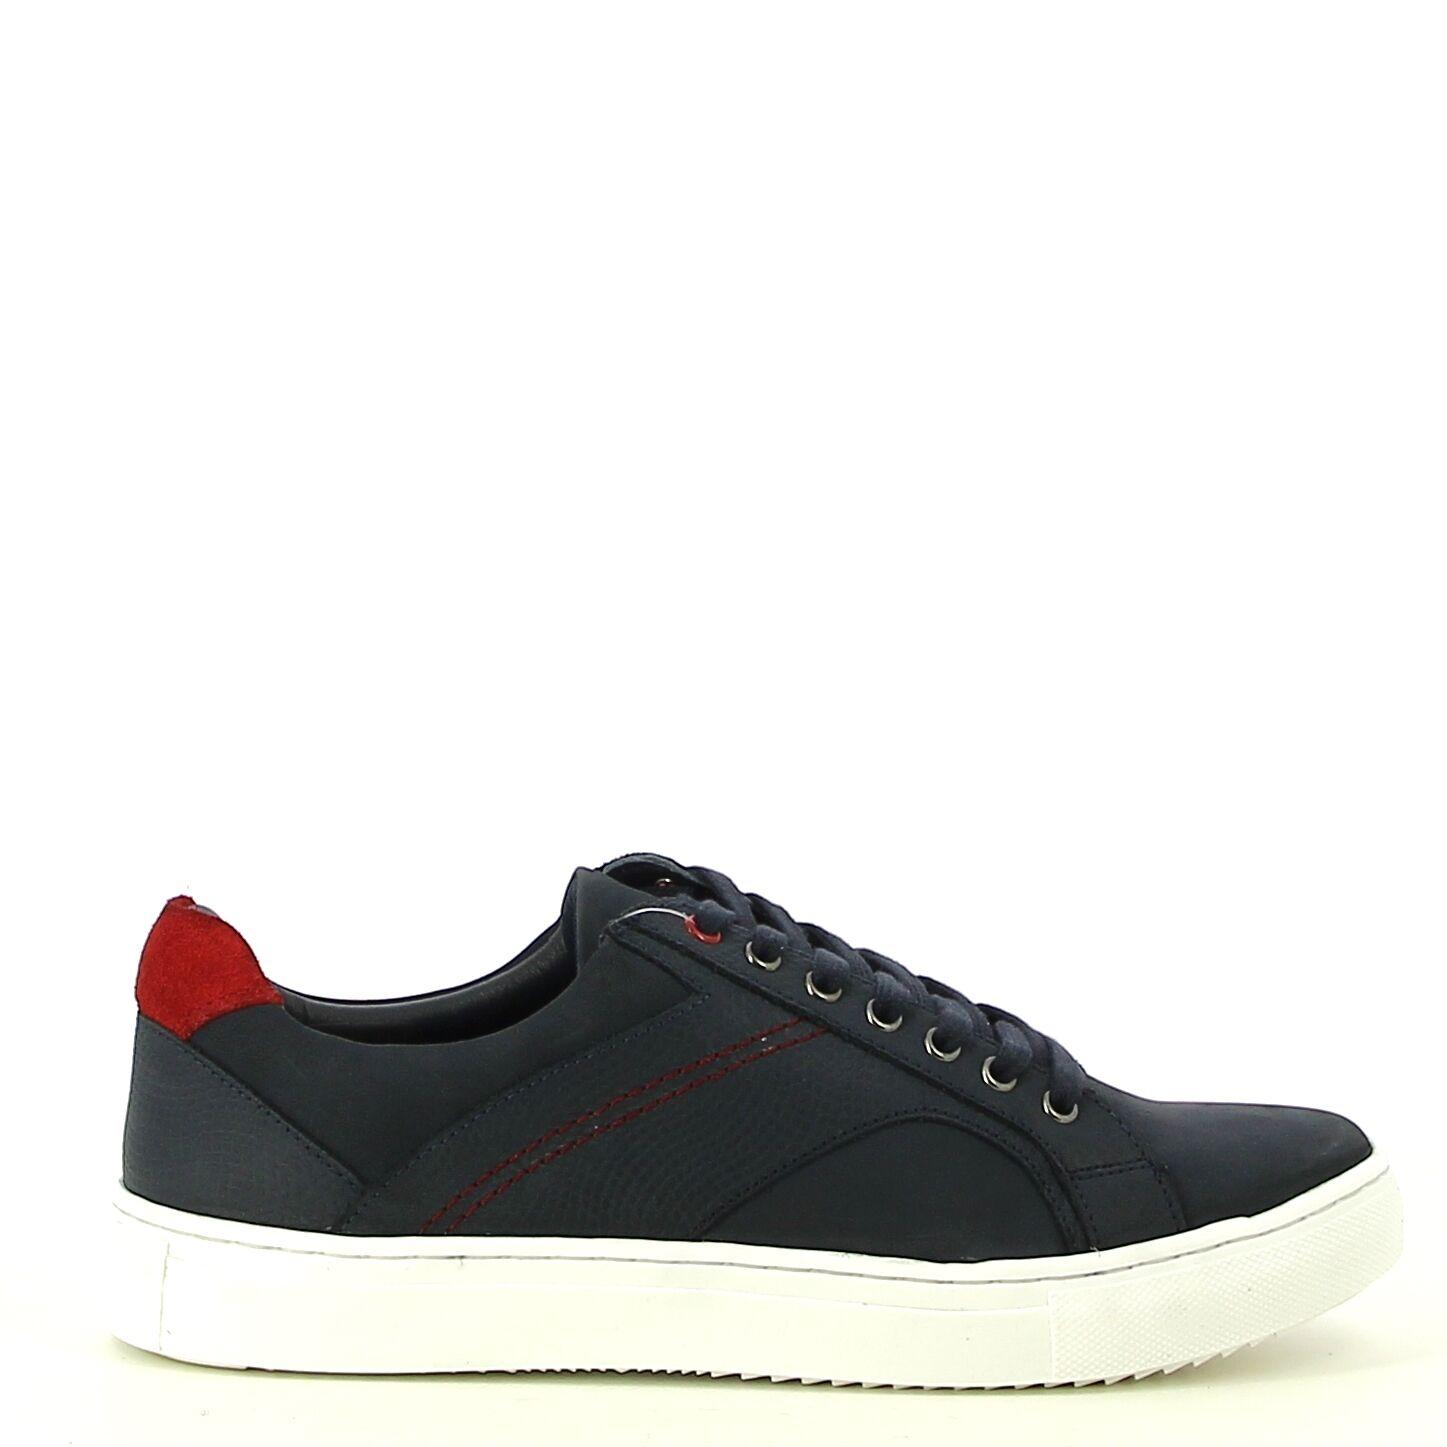 Ken Shoe Fashion - Navy/Rood - Sneakers